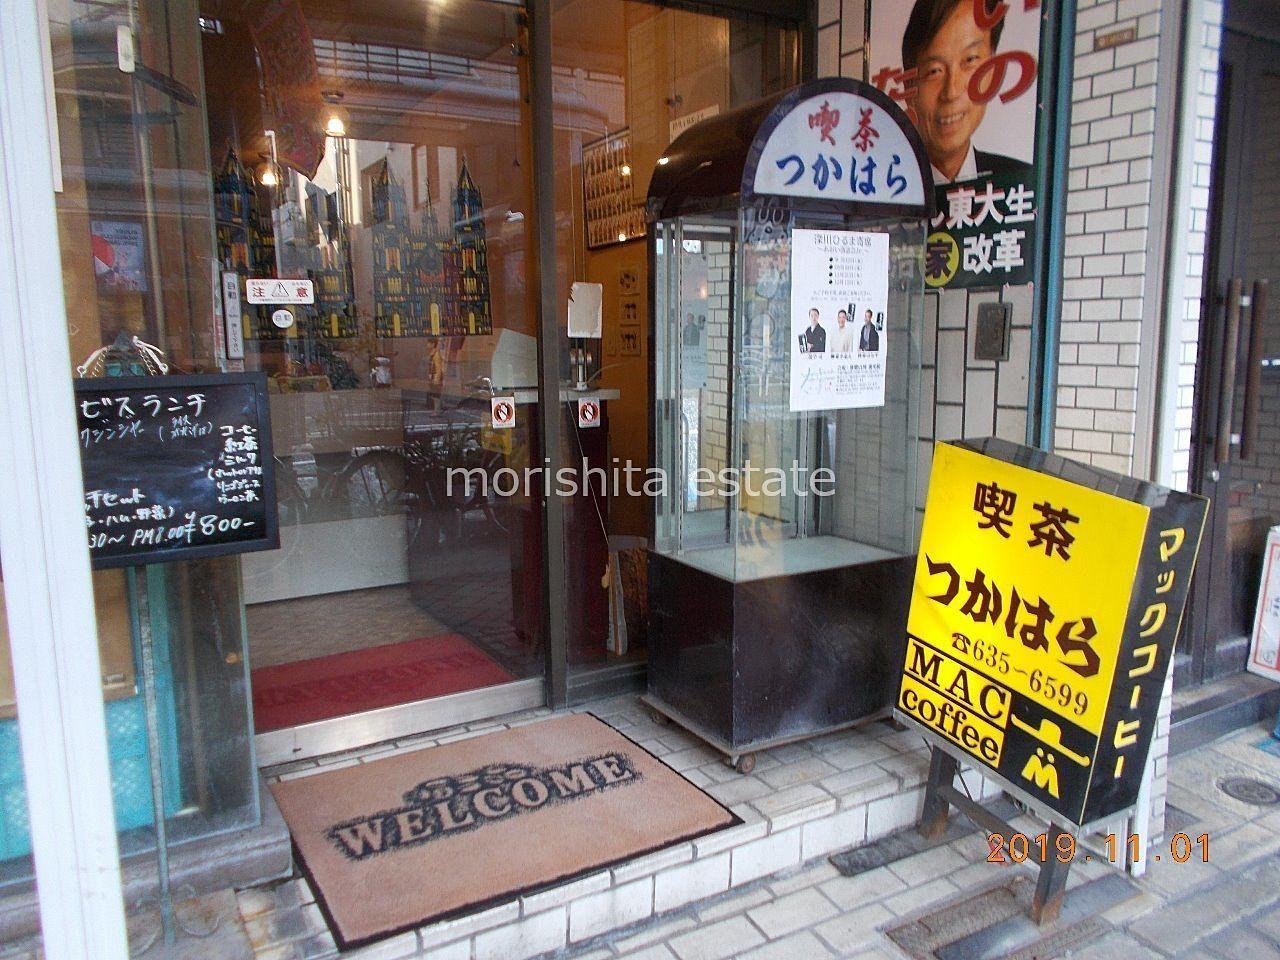 昭和の雰囲気が漂う懐かしい喫茶店!